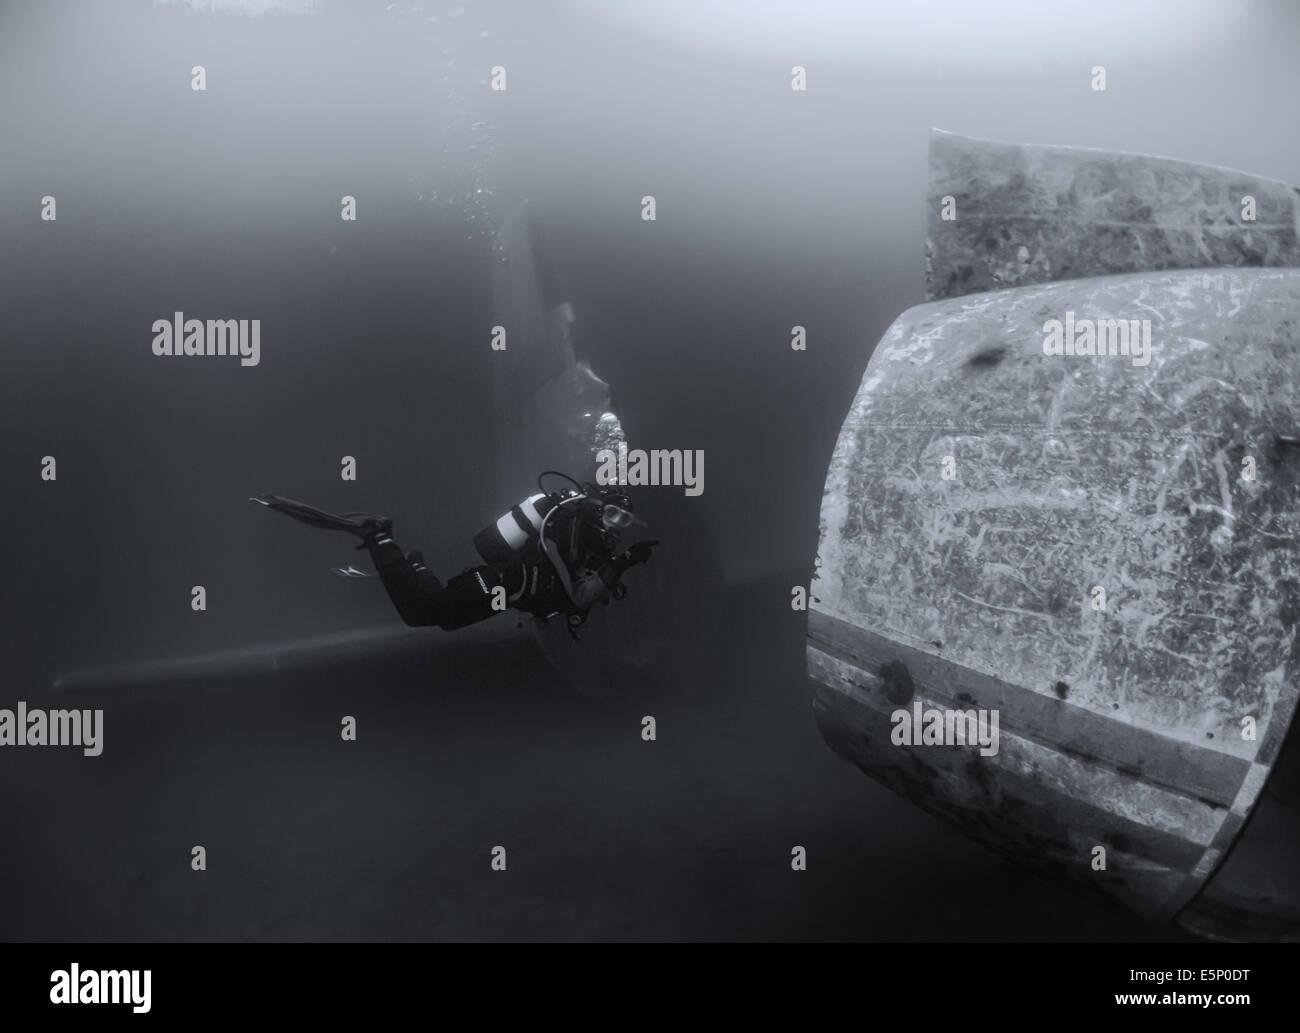 Plongée sous-marine Plongée sous-marine sur l'épave d'un avion, Capernwray, UK Photo Stock